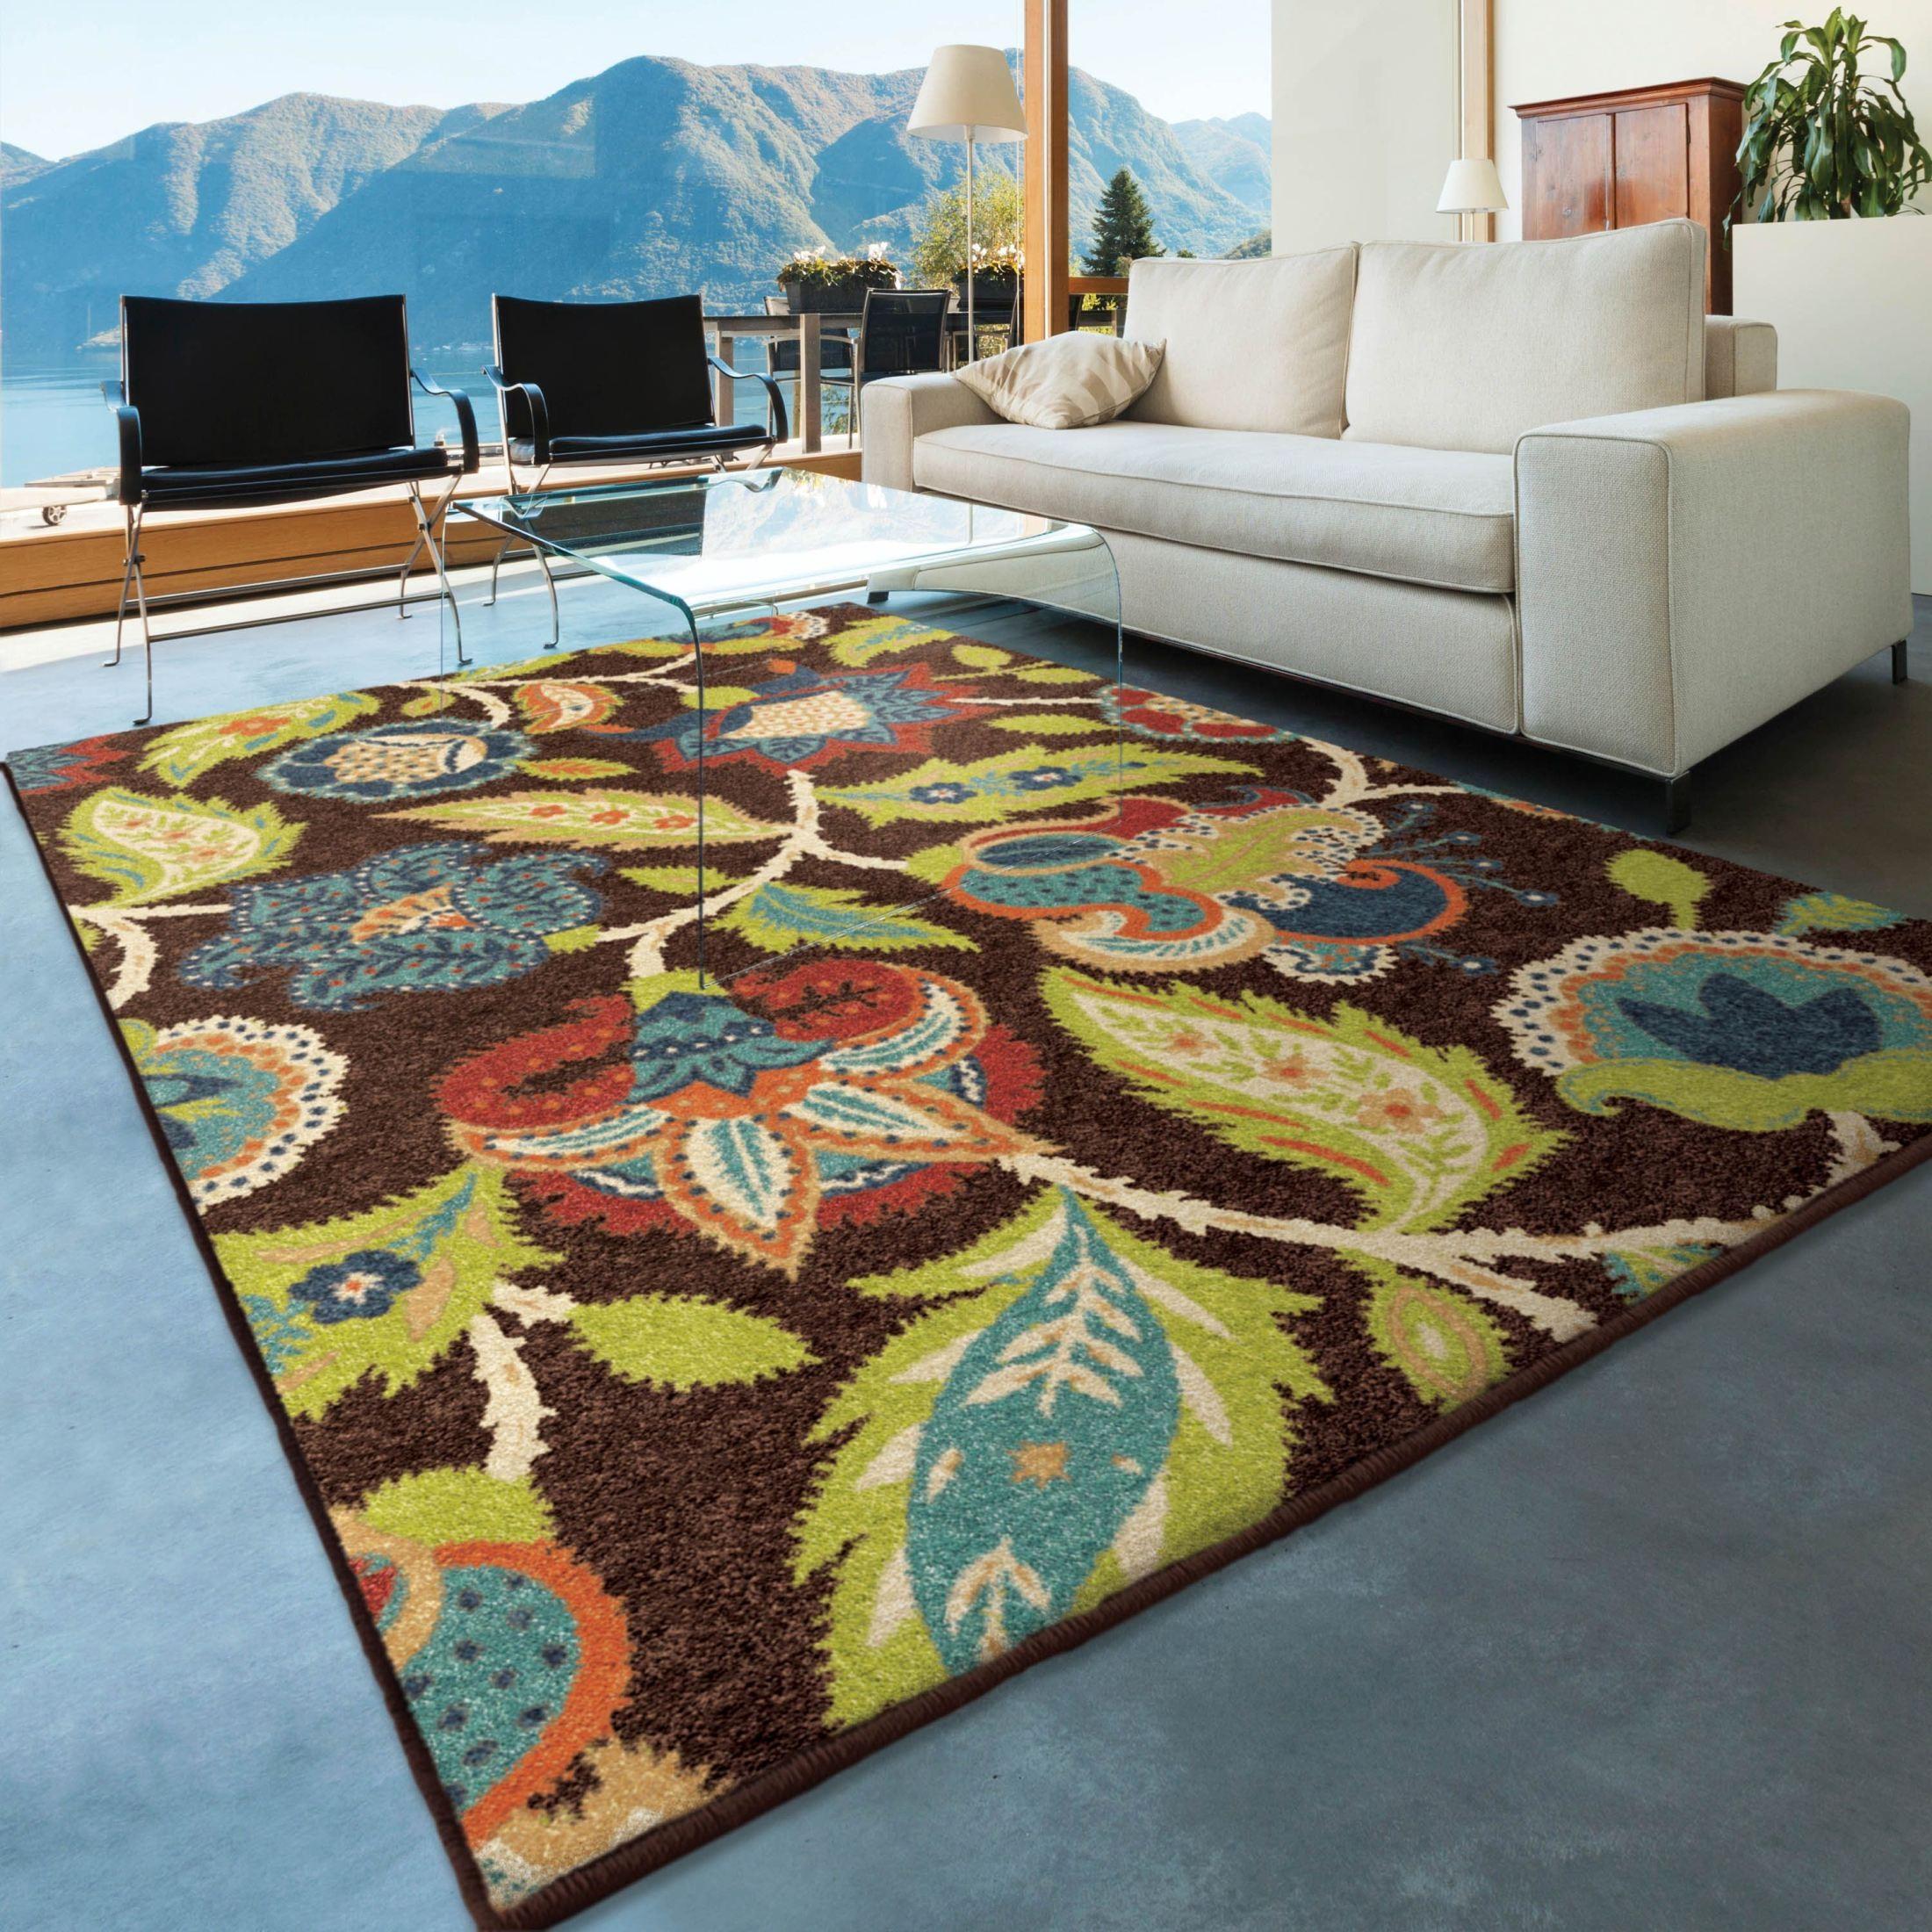 7x10 Rug: Orian Rugs Indoor/Outdoor Floral Ethridge Brown Area